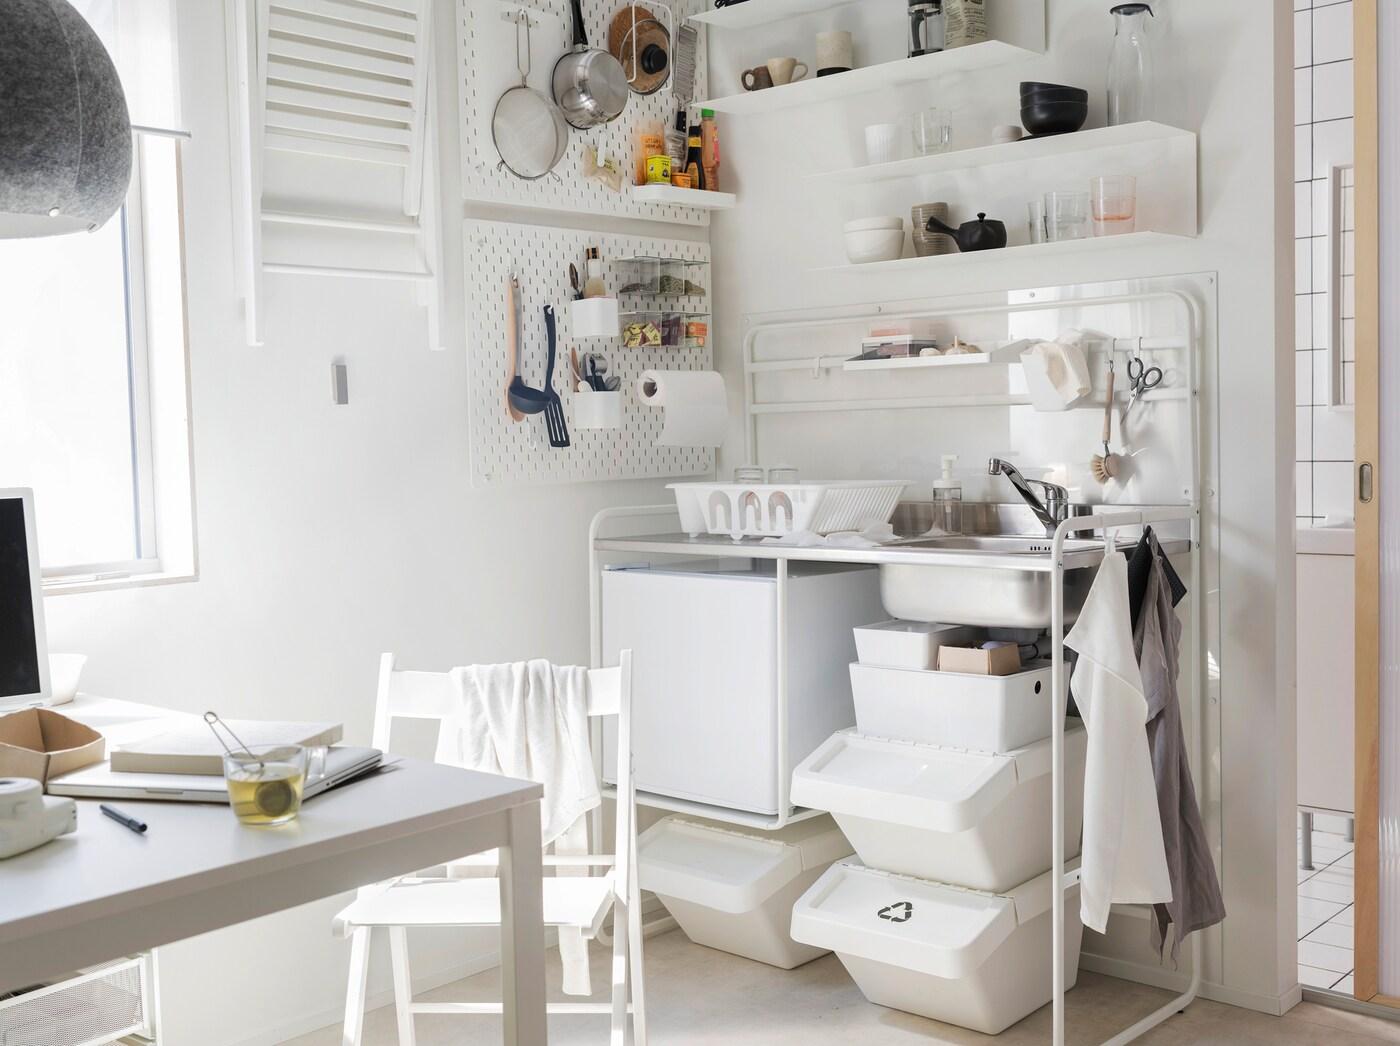 Componha a sua pequena kitchenette com móveis funcionais e flexíveis como a mesa MELLTORP em branco e a gama de cozinhas independentes SUNNERSTA.